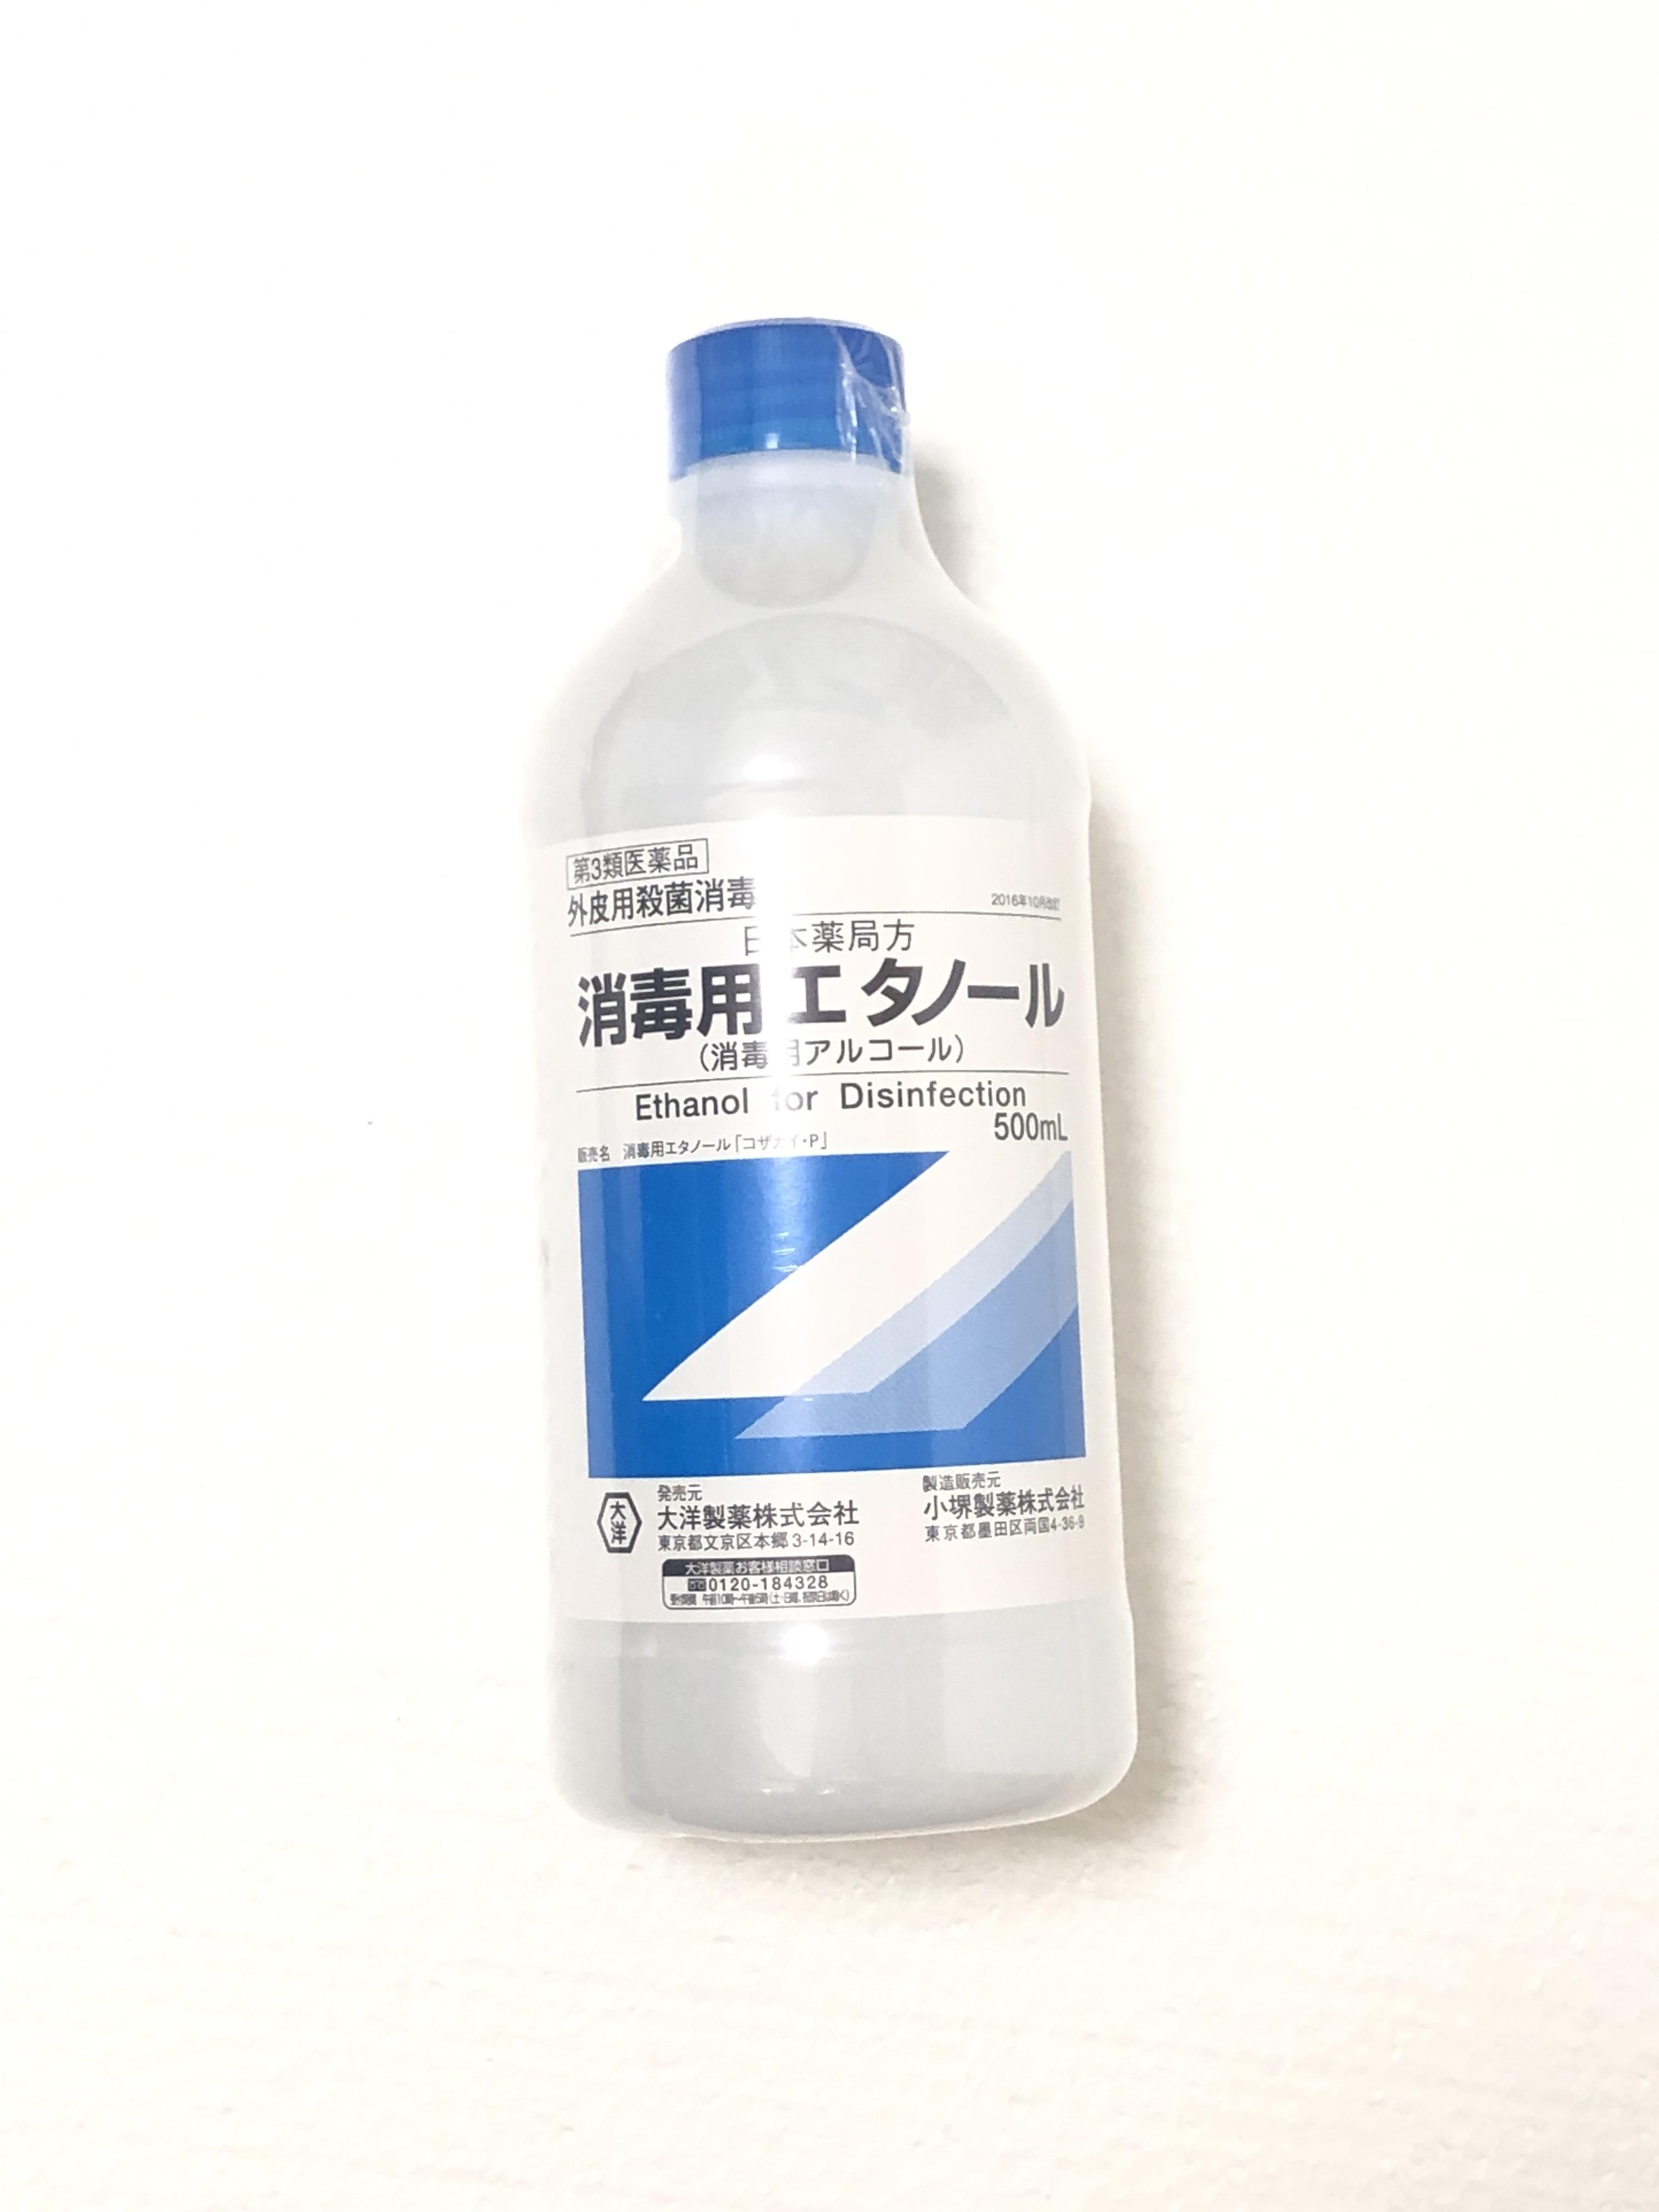 消毒用エタノール500ml